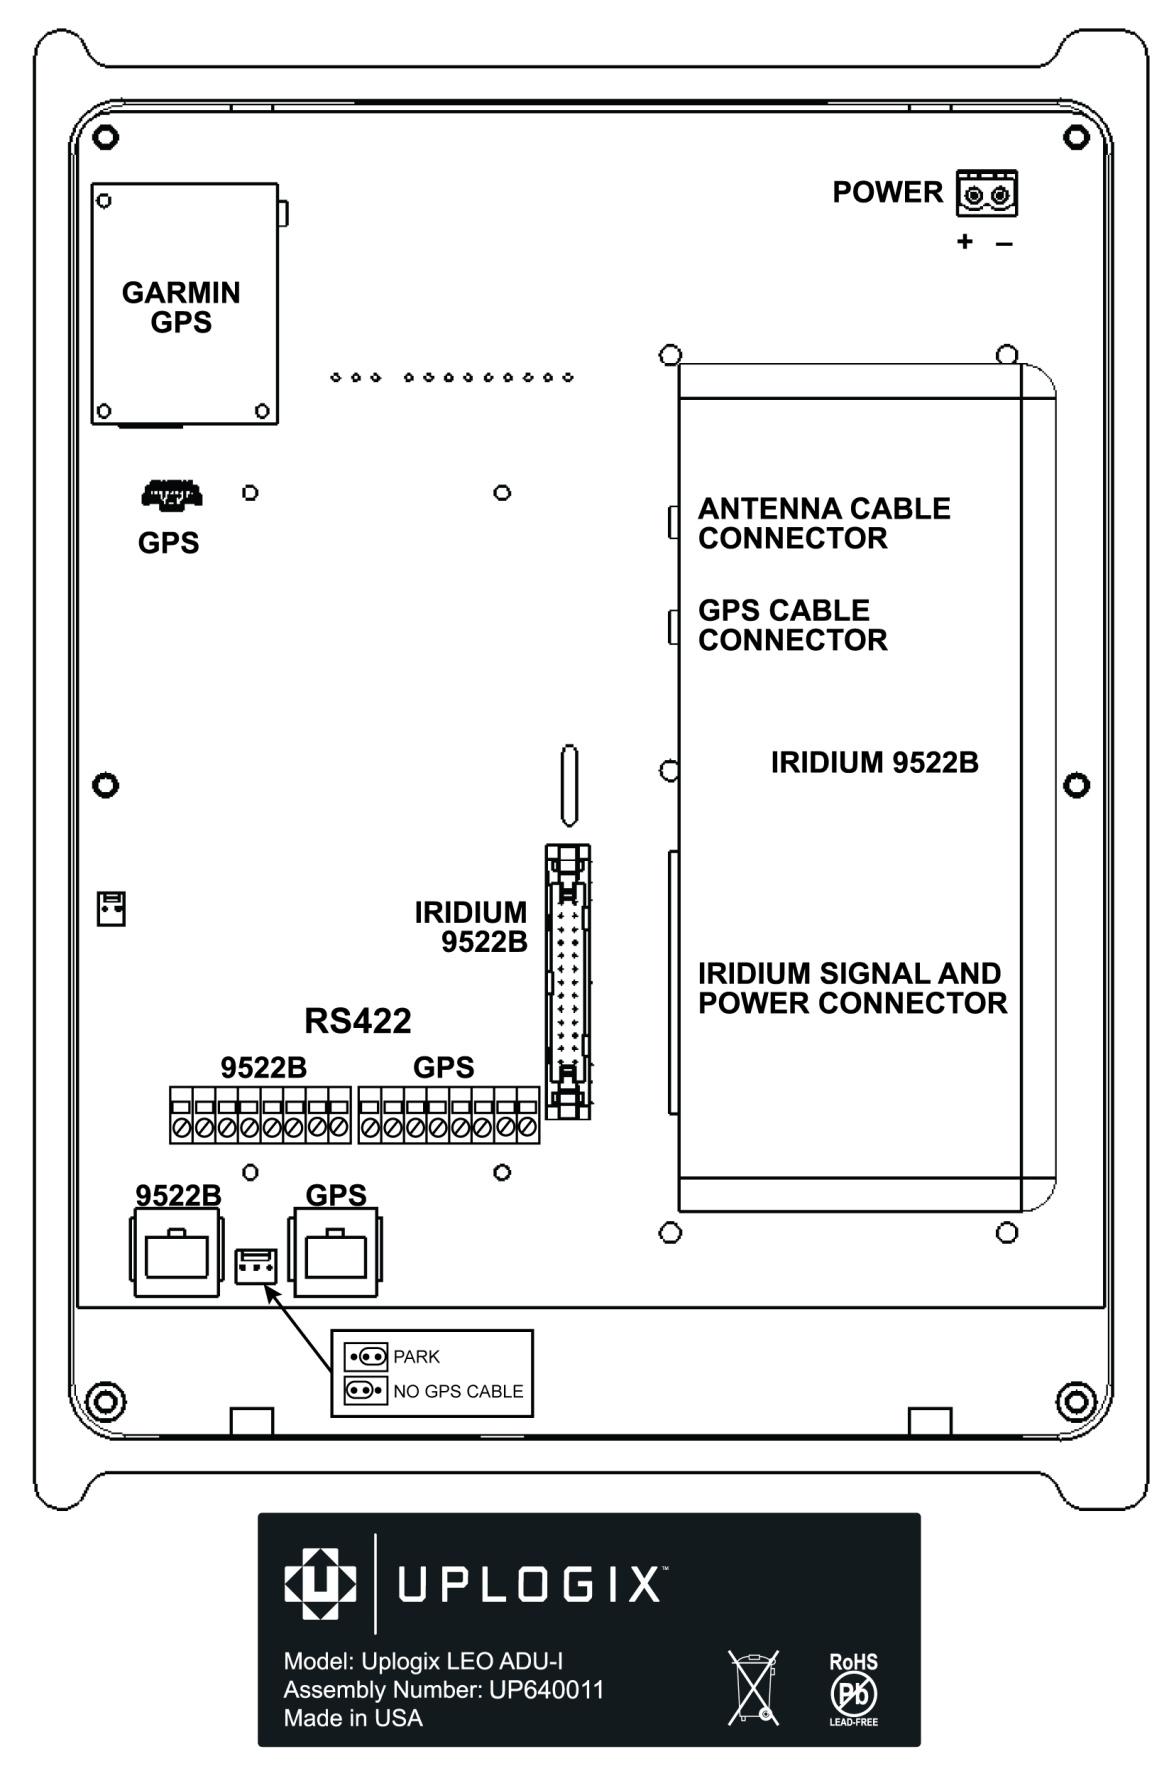 Garmin 547xs Wiring Diagram 50s 741 Review Fishfinder Schematics Diagrams On